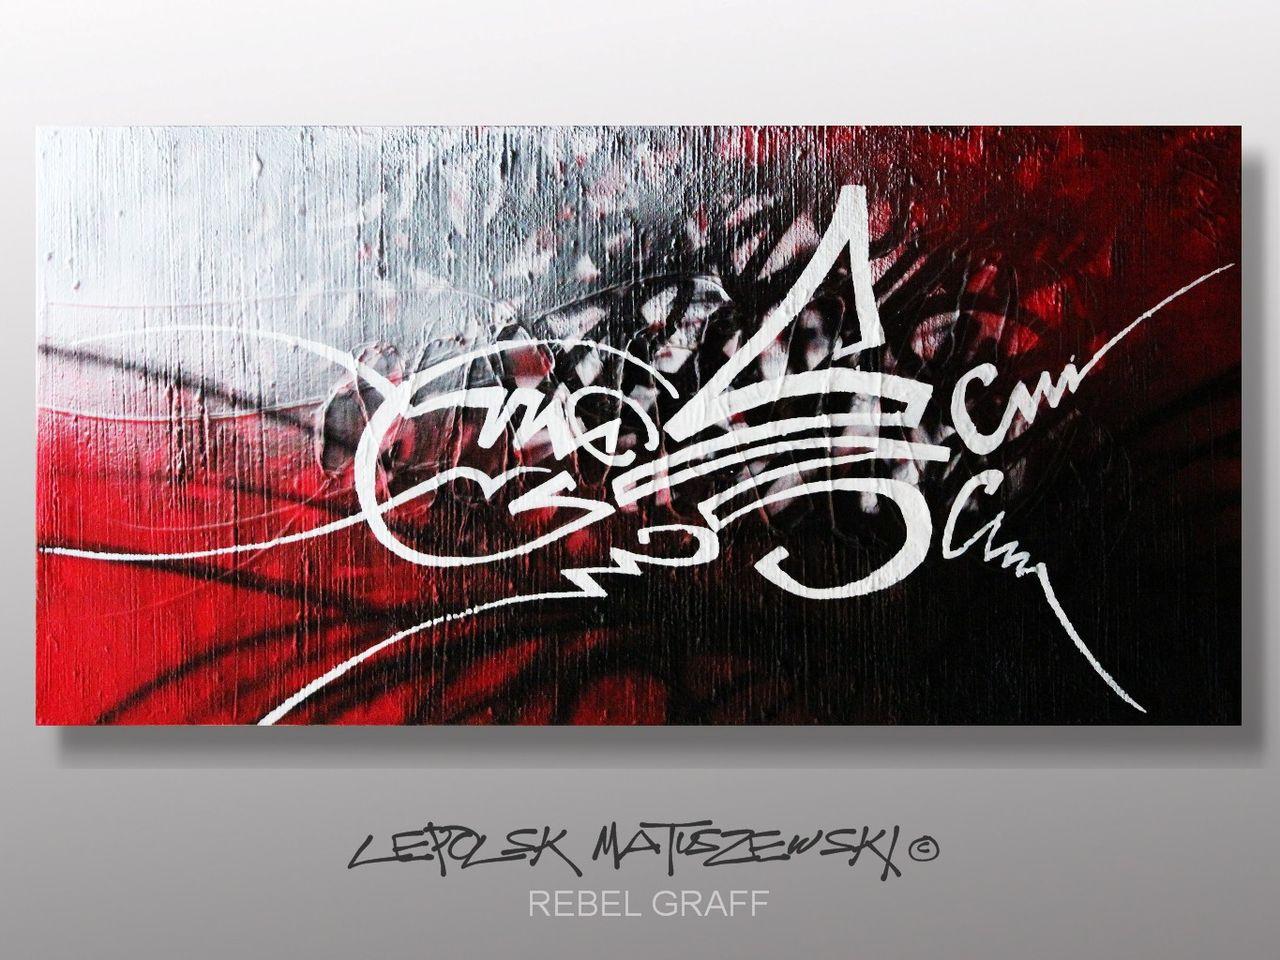 MK  Lepolsk Matuszewski REBEL GRAFF   Street art callifgraffiti graffiti expressionnisme abstrait